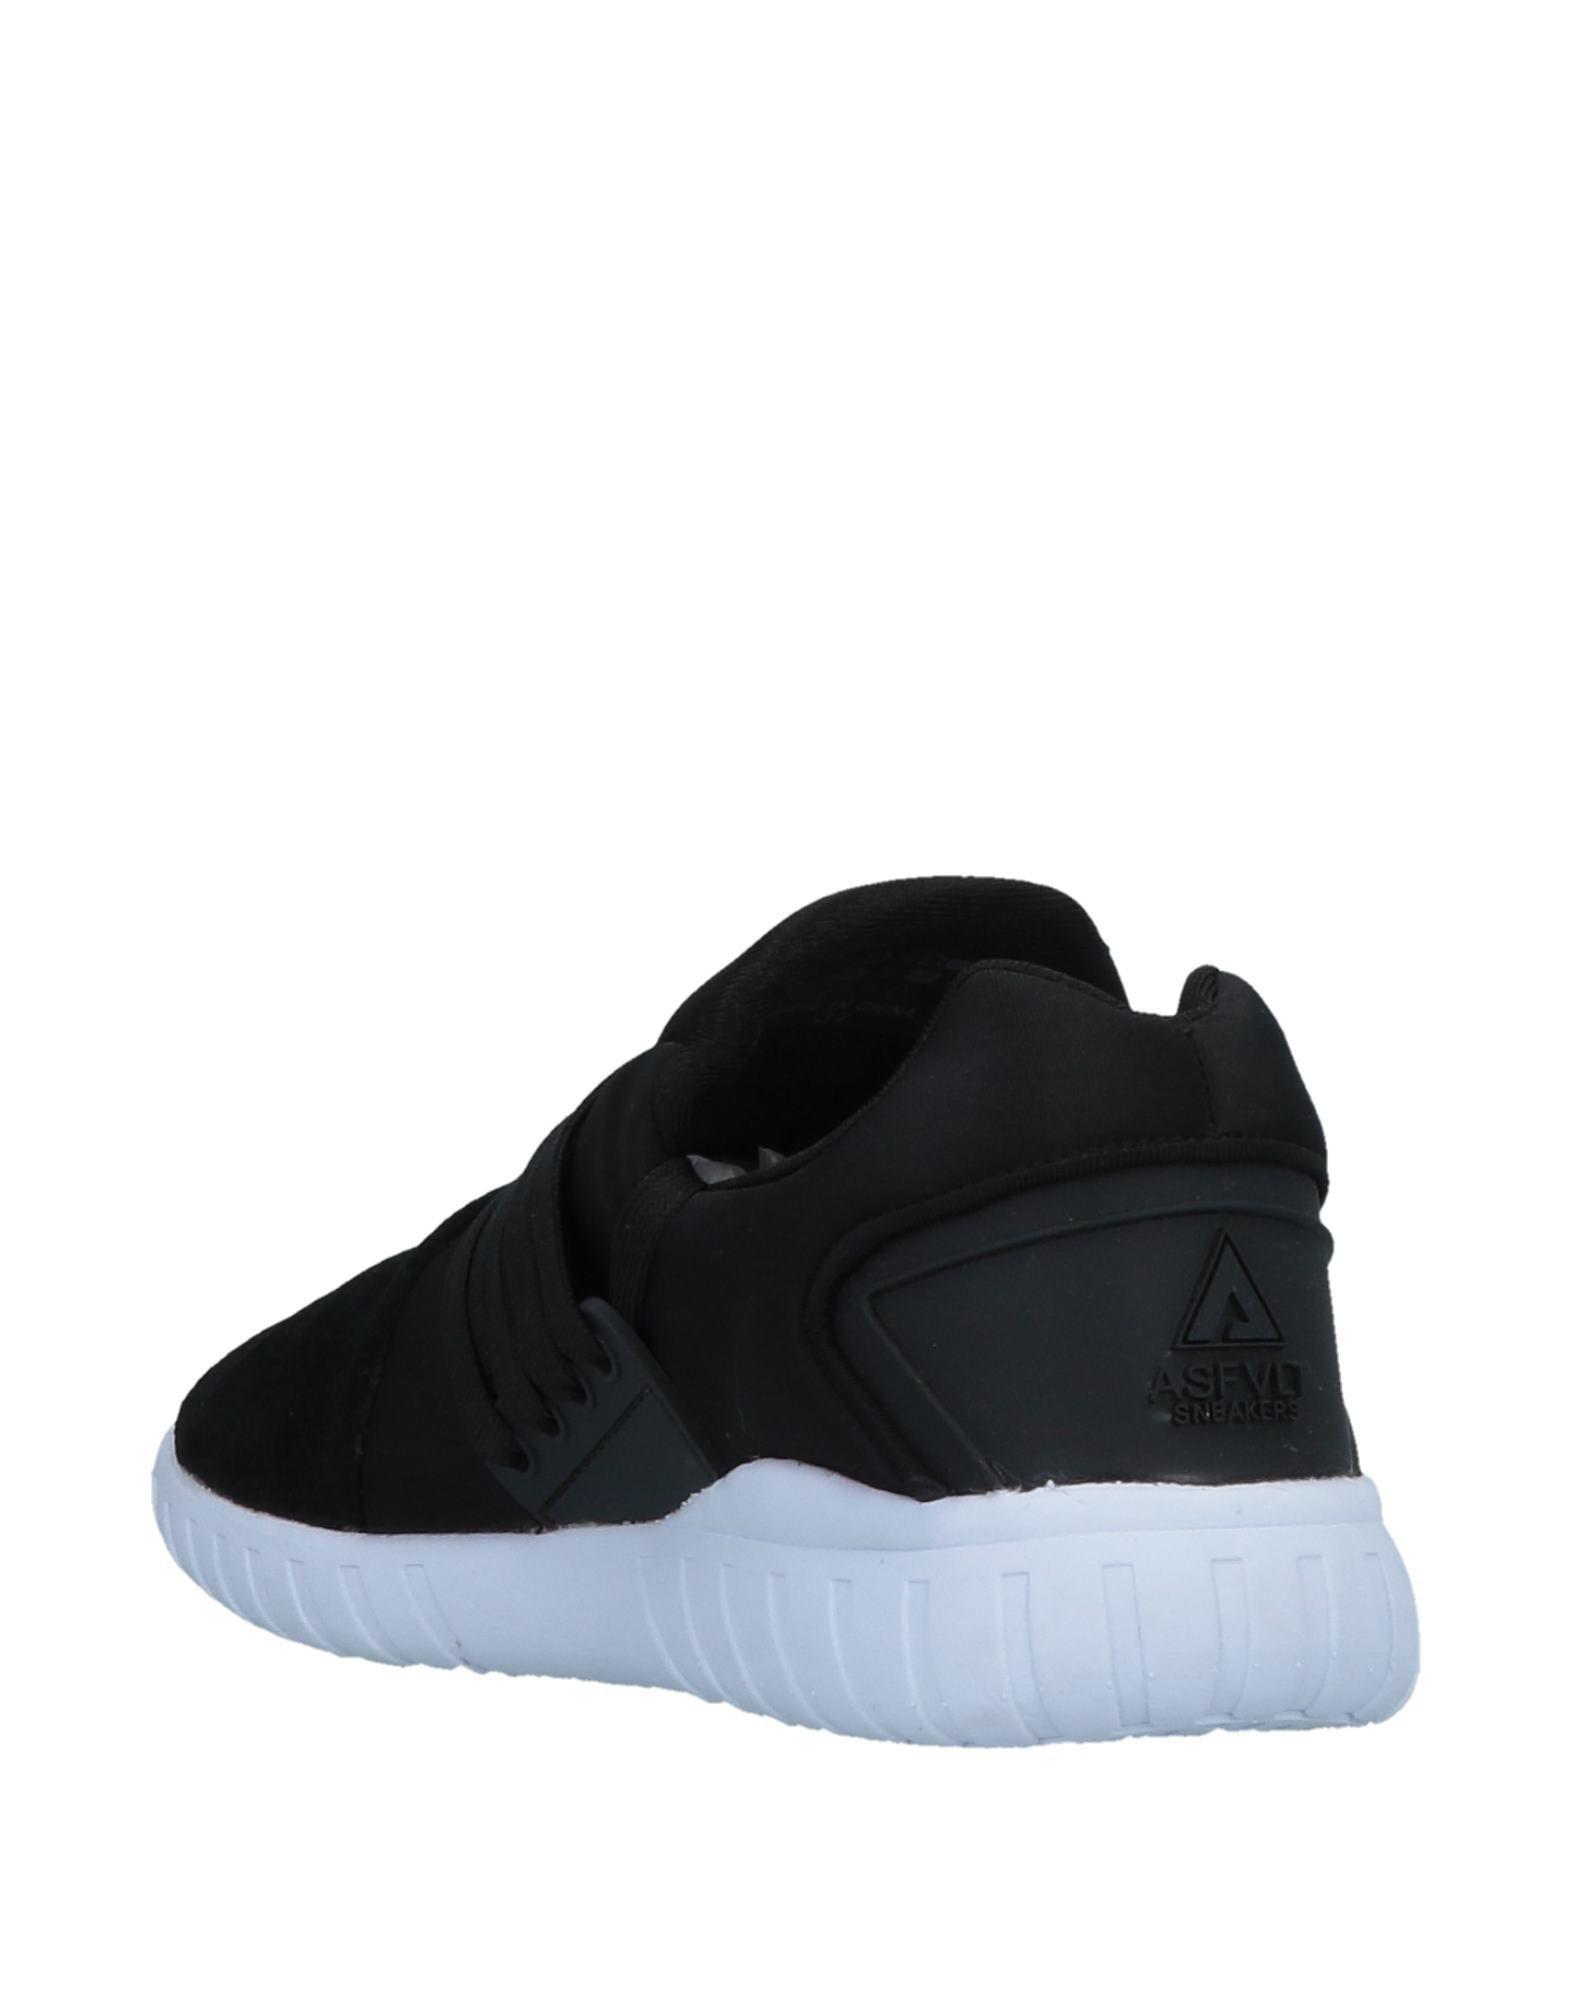 Asfvlt Sneakers Damen  beliebte 11506894CC Gute Qualität beliebte  Schuhe ce9761